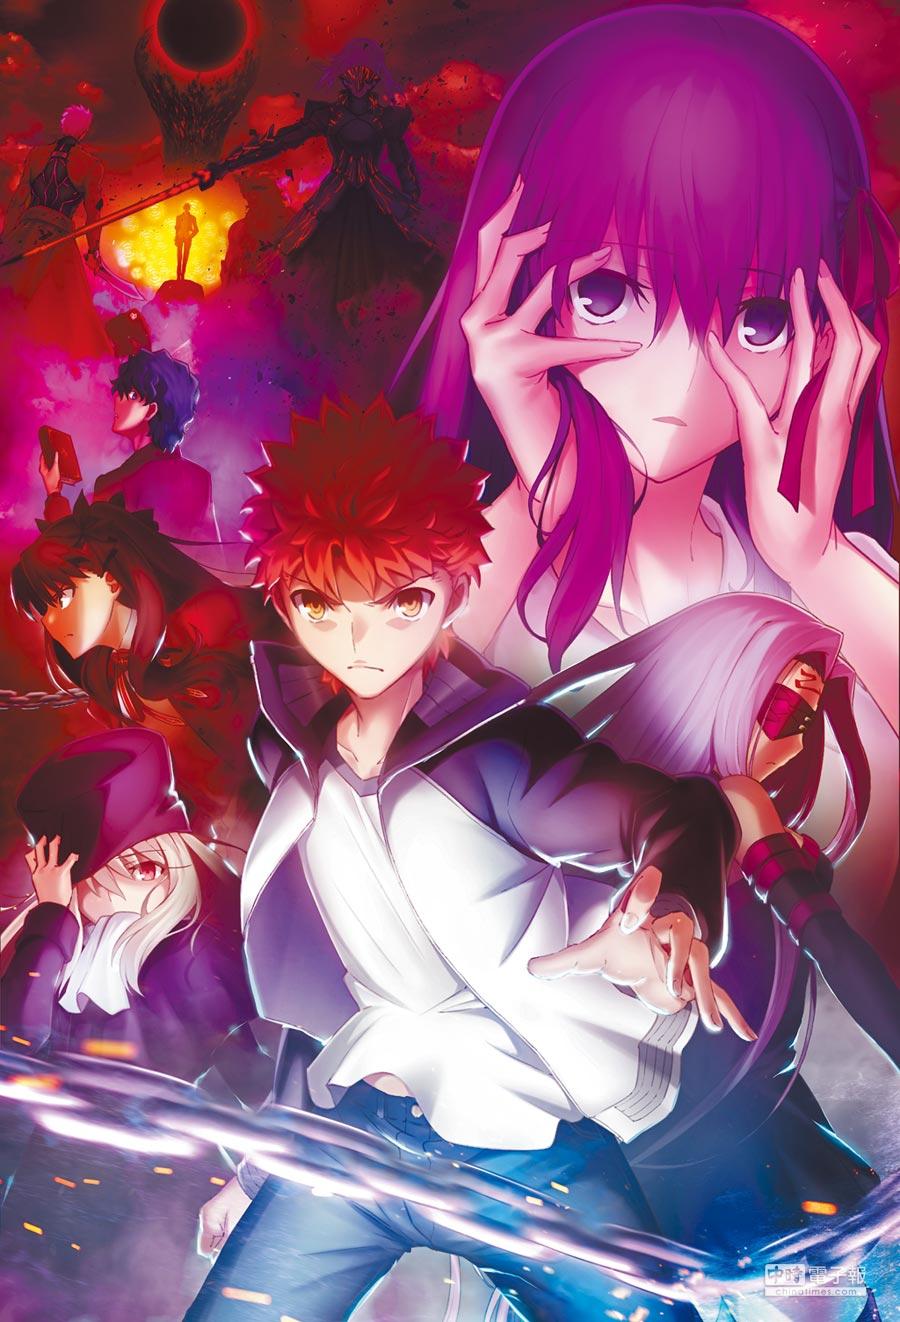 至曼迪傳播攤位購票即送《Fate/stay night [ Heaven's Feel ] II.迷途之蝶》電影海報。